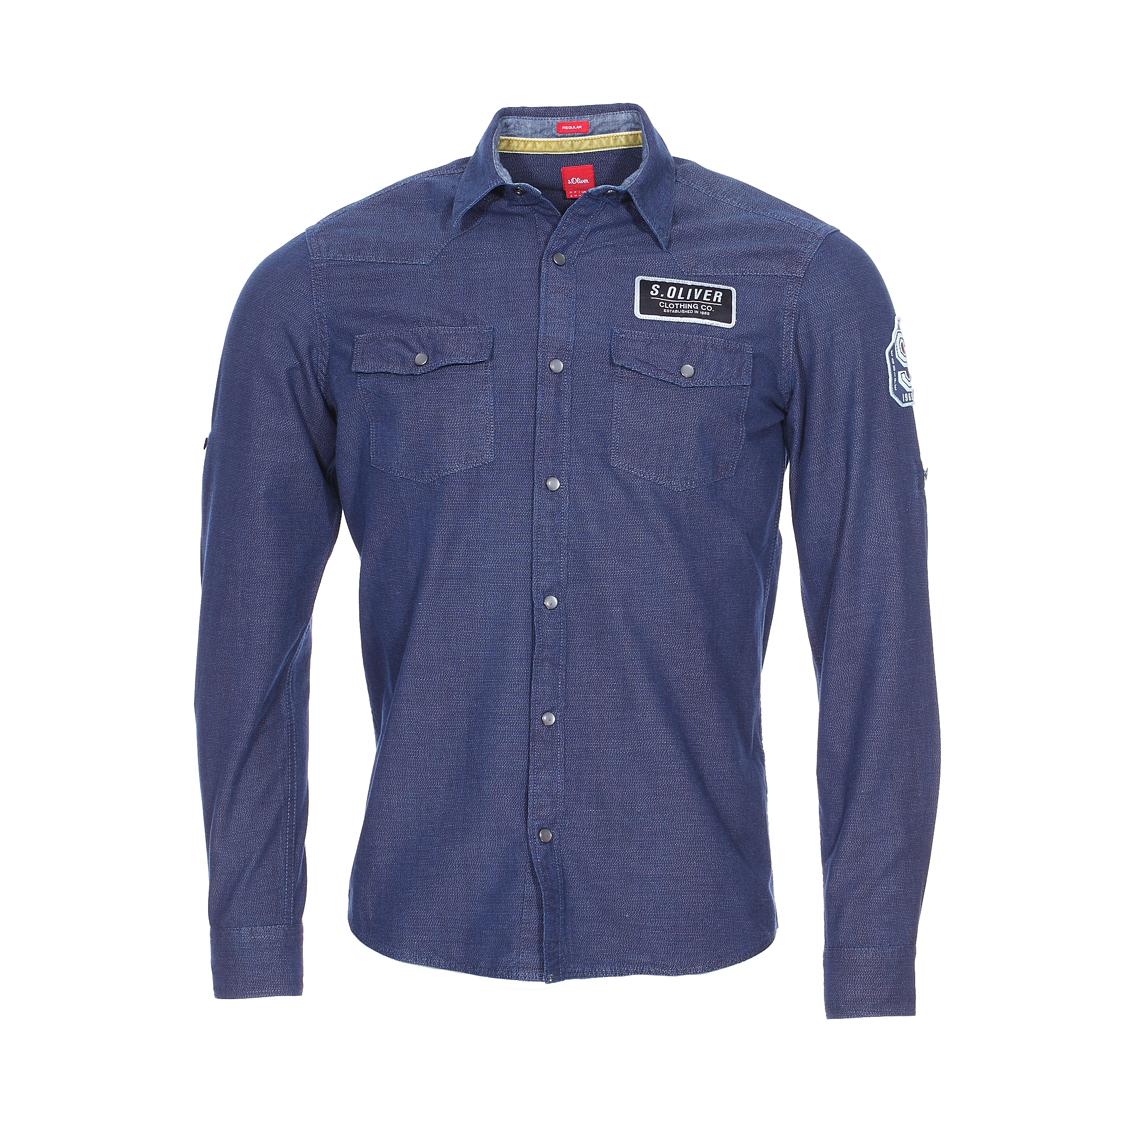 Chemise droite s.oliver en coton bleu marine chiné